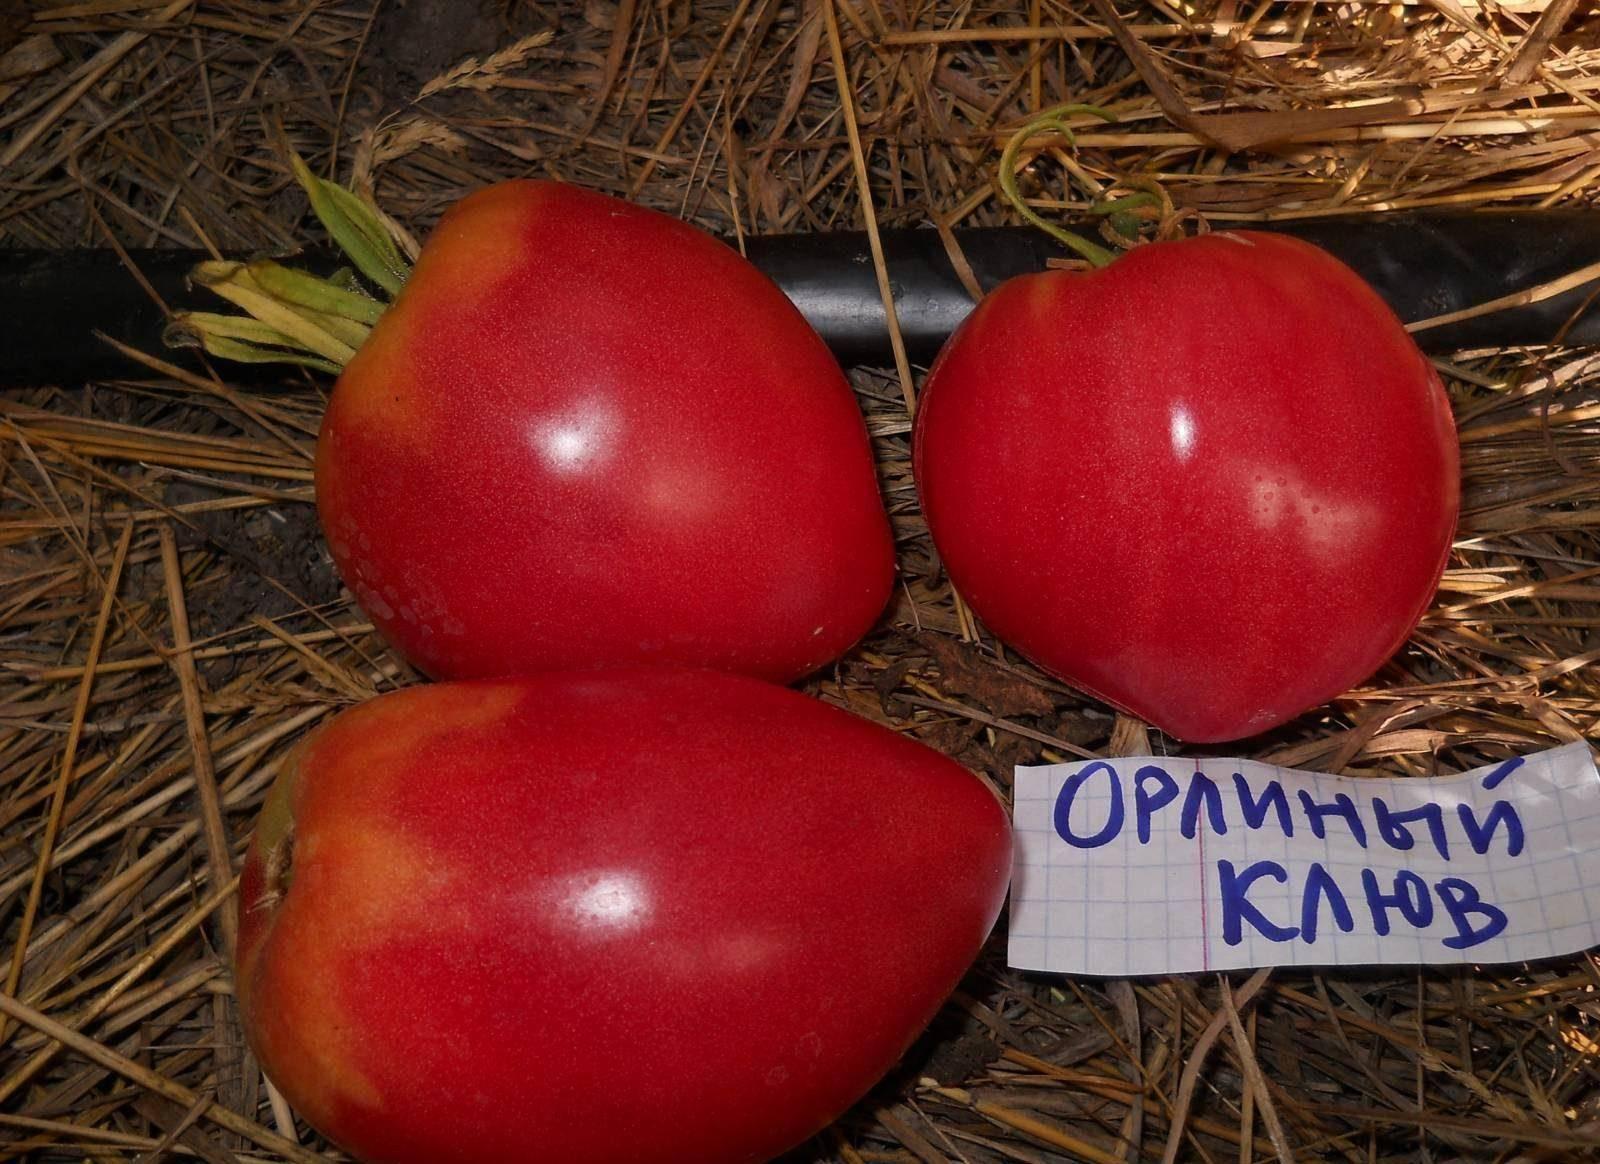 Томат орлиный клюв: характеристика и описание сорта - сад и огород своими руками